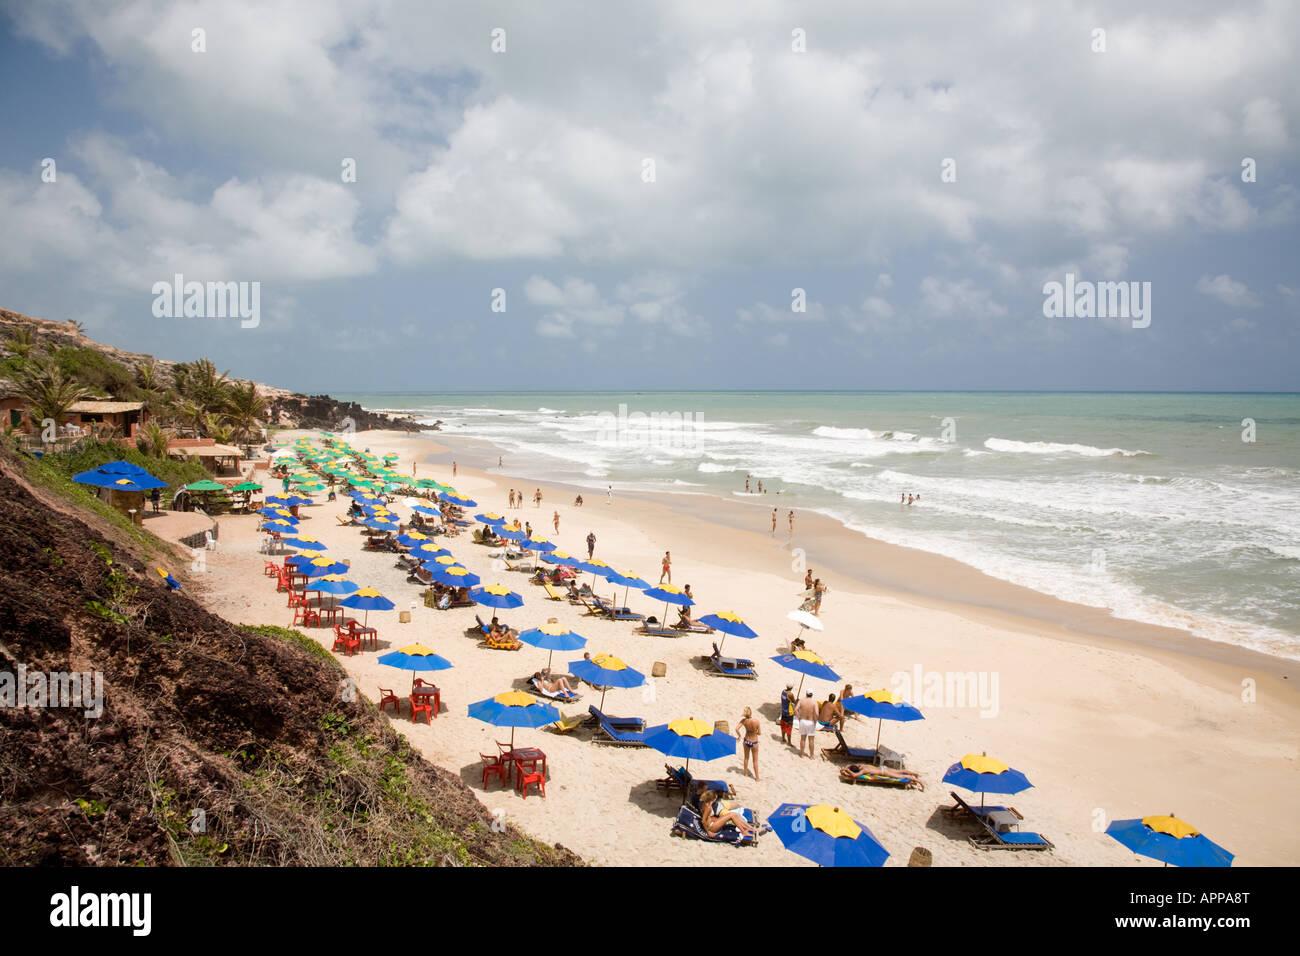 Pipa, Praia do Amor, Amor Beach, Rio Grande do Norte, Brasil Imagen De Stock